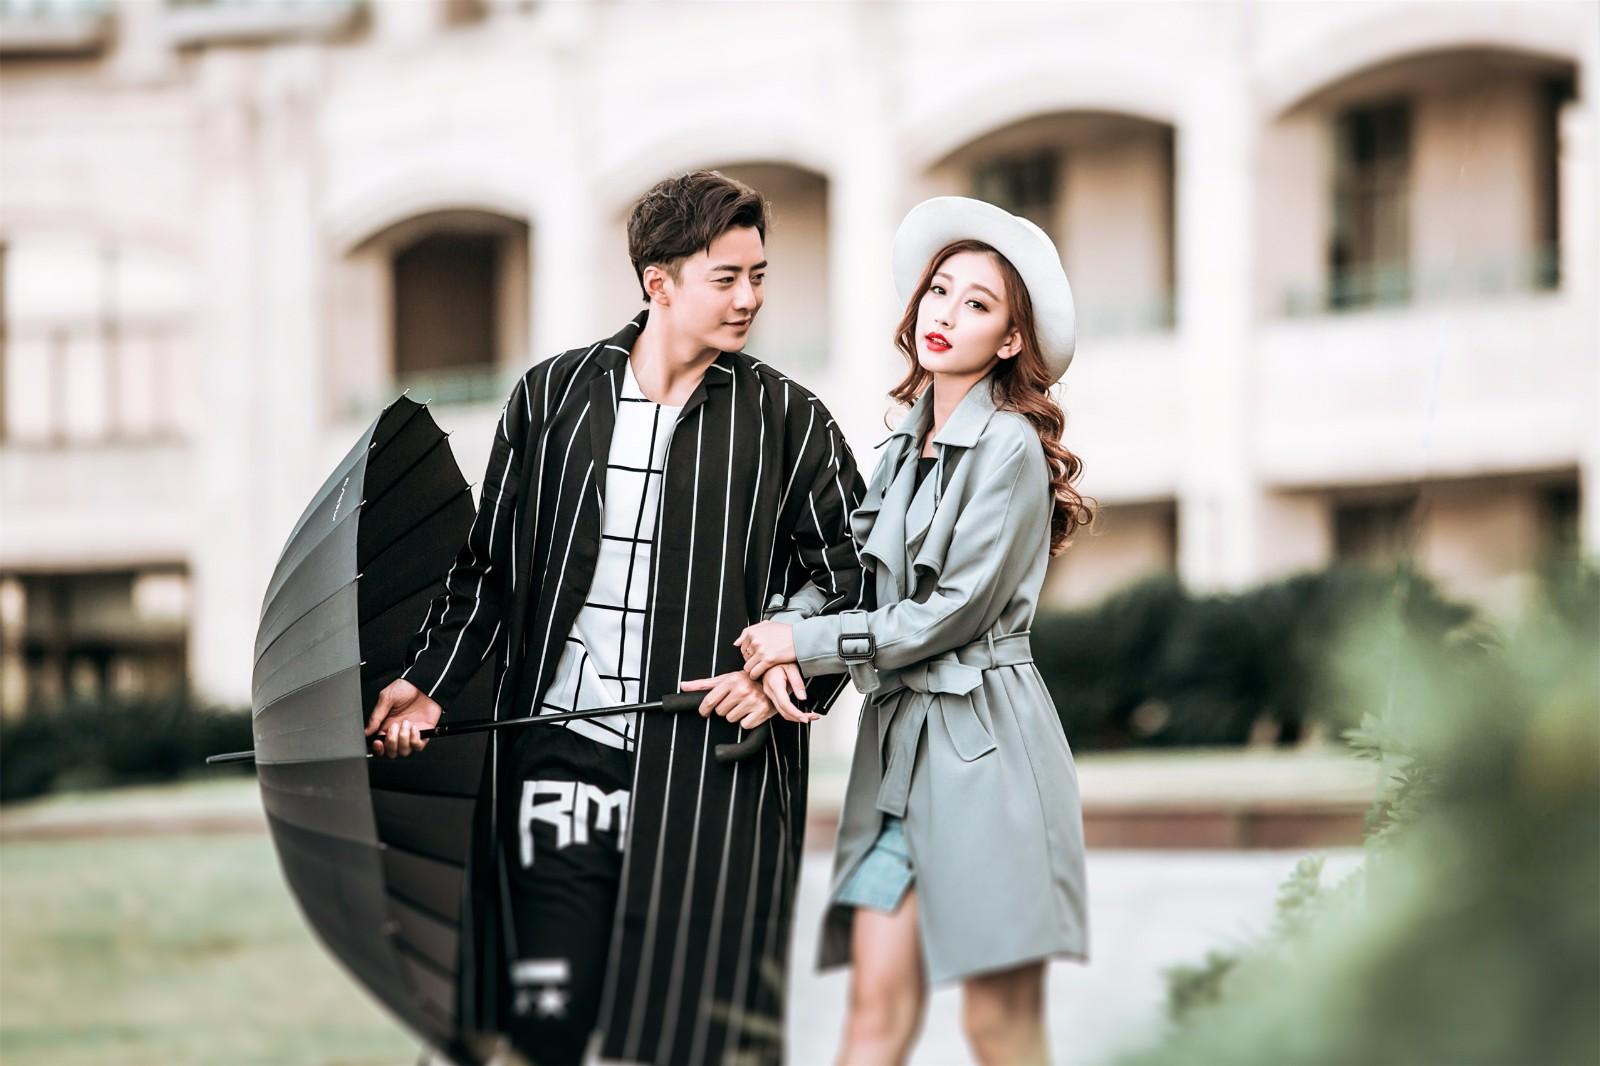 广州拍婚纱照哪里好?揭秘广州最优秀的婚纱摄影!